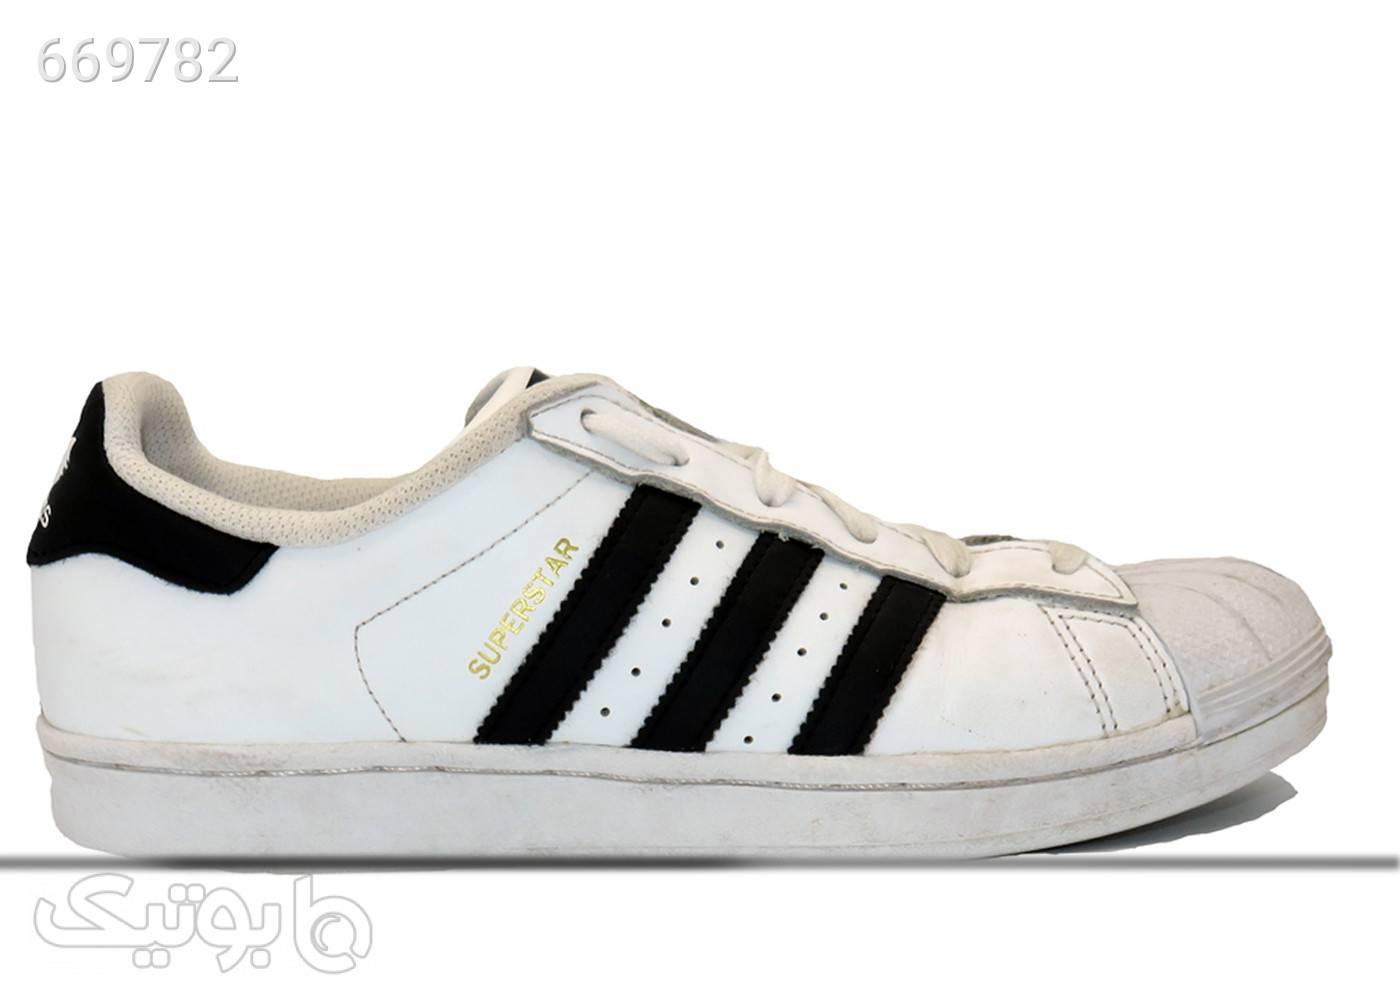 کفش و کتونی بچه گانه اسپرت آدیداس مدل Adidas C77154 کیف و کفش بچگانه